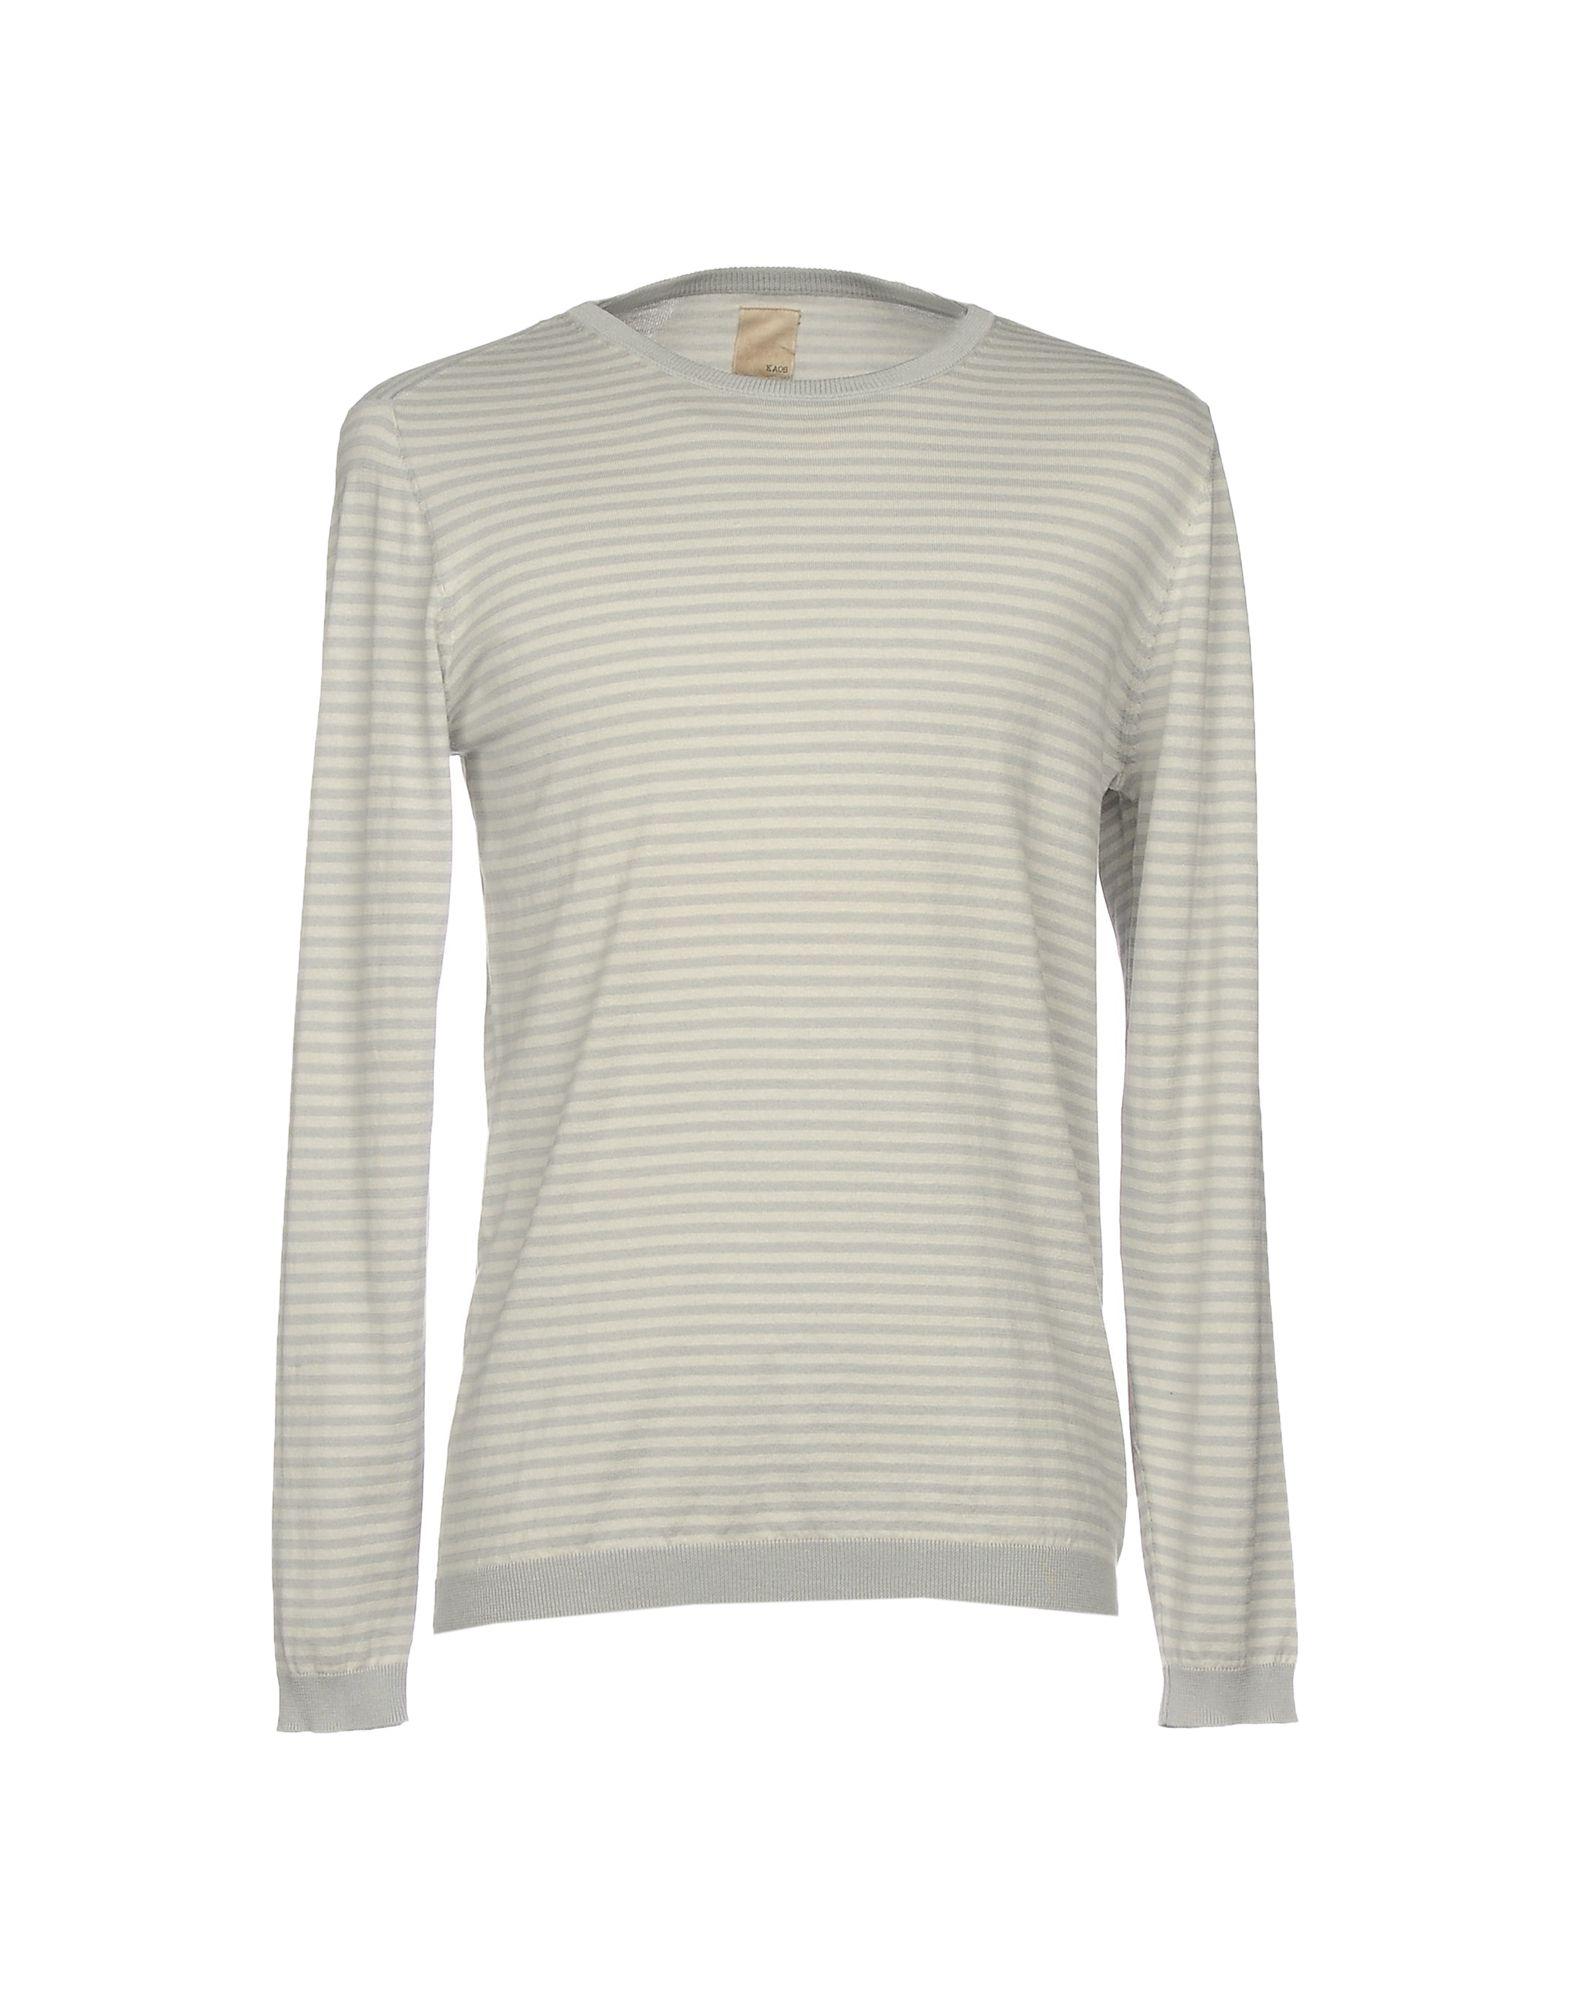 KAOS Свитер мужской свитер в полоску 52